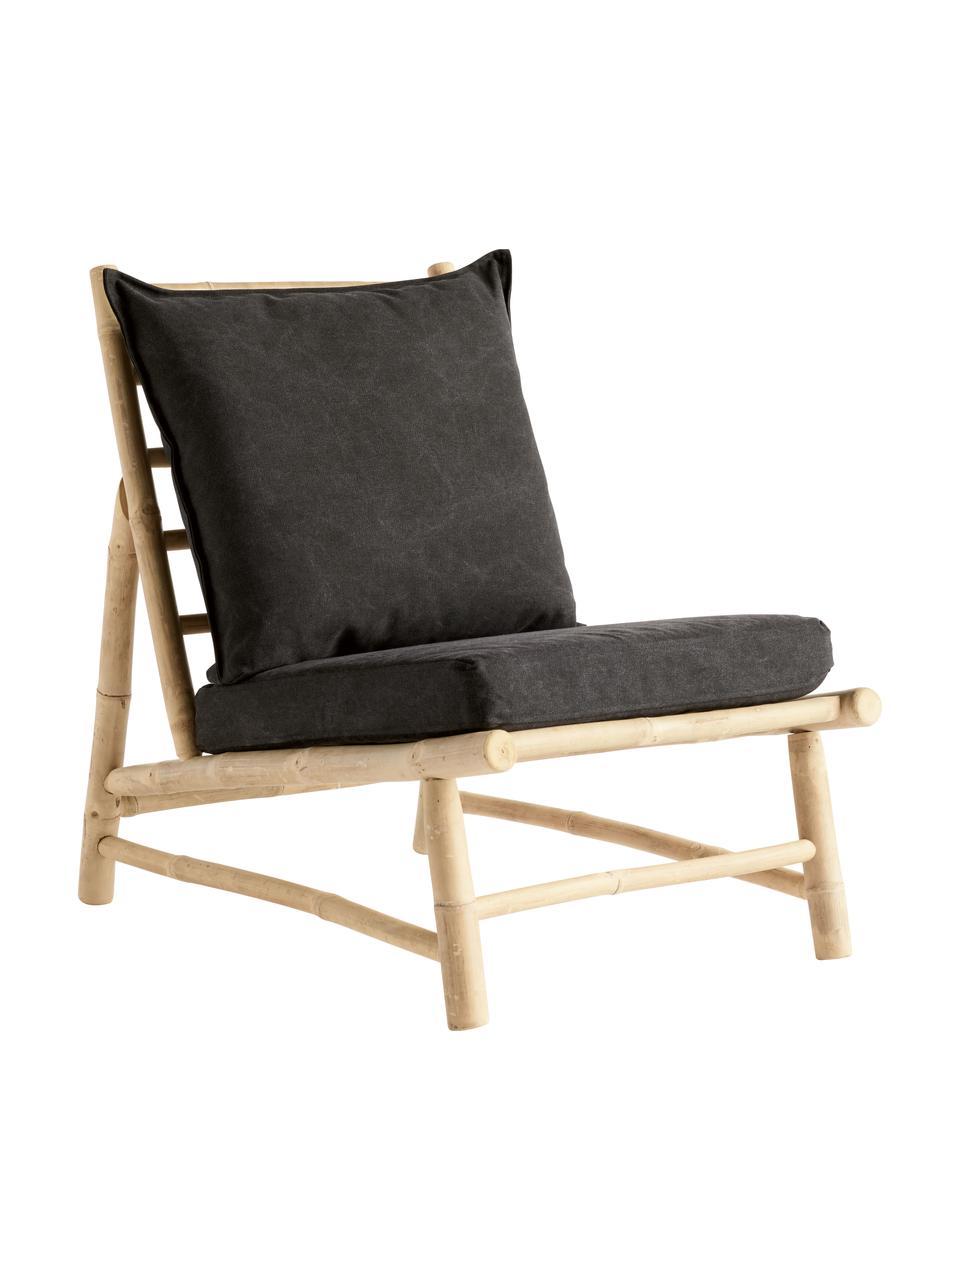 Fotel wypoczynkowy z drewna bambusowego Bamslow, Stelaż: drewno bambusowe, Tapicerka: 100% bawełna, Ciemnyszary, brązowy, S 55 x G 87 cm